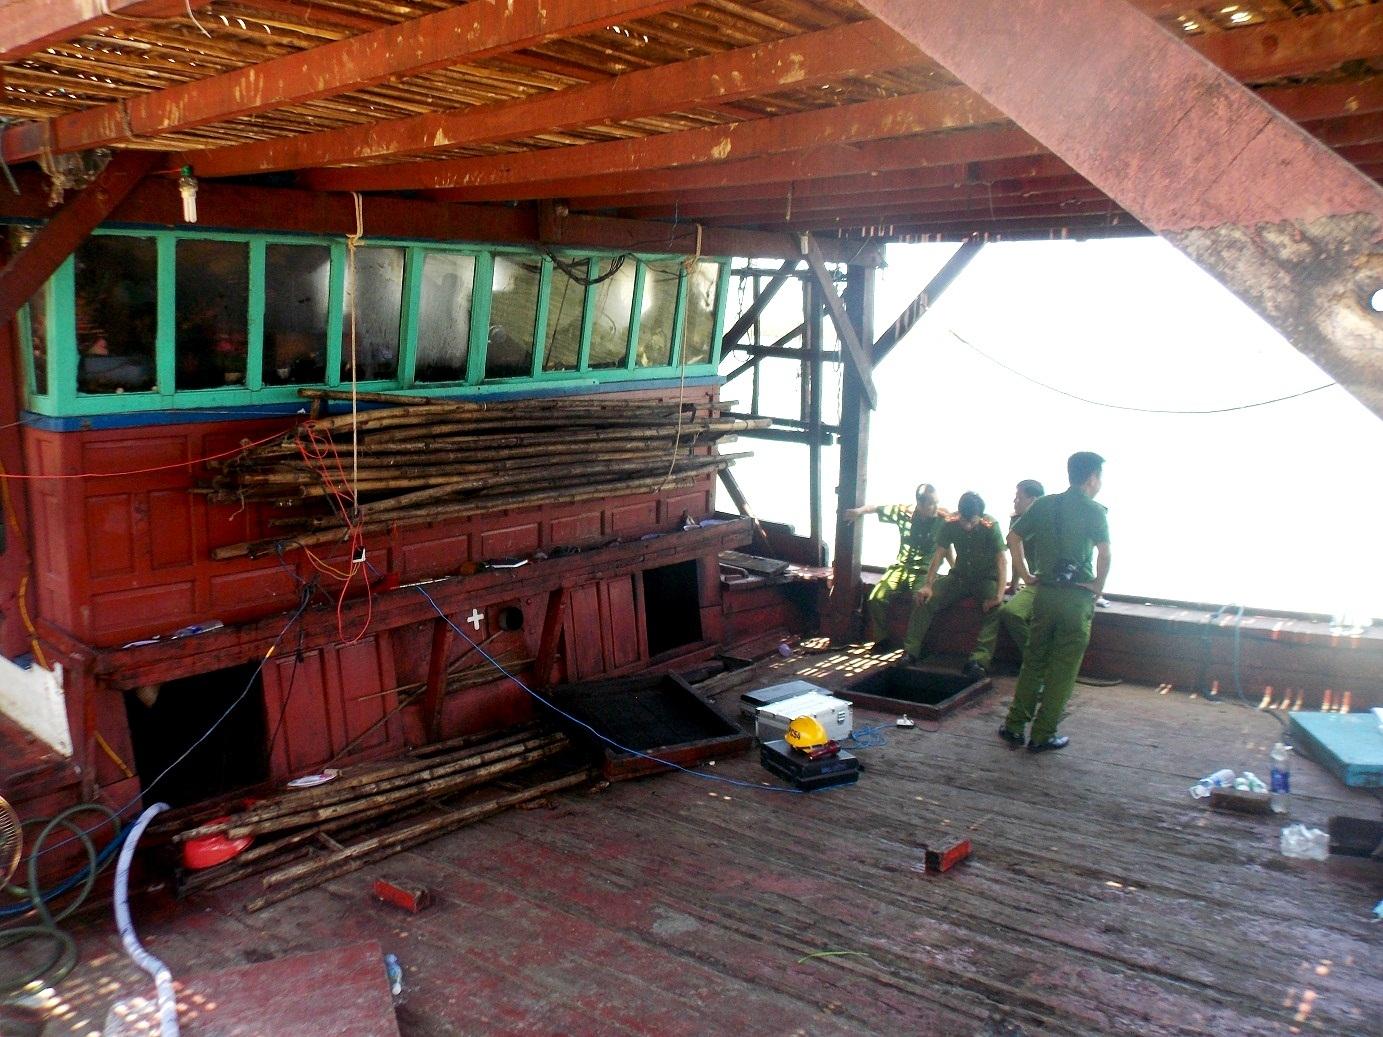 Lực chức năng đang khám nghiệm tàu bị cháy